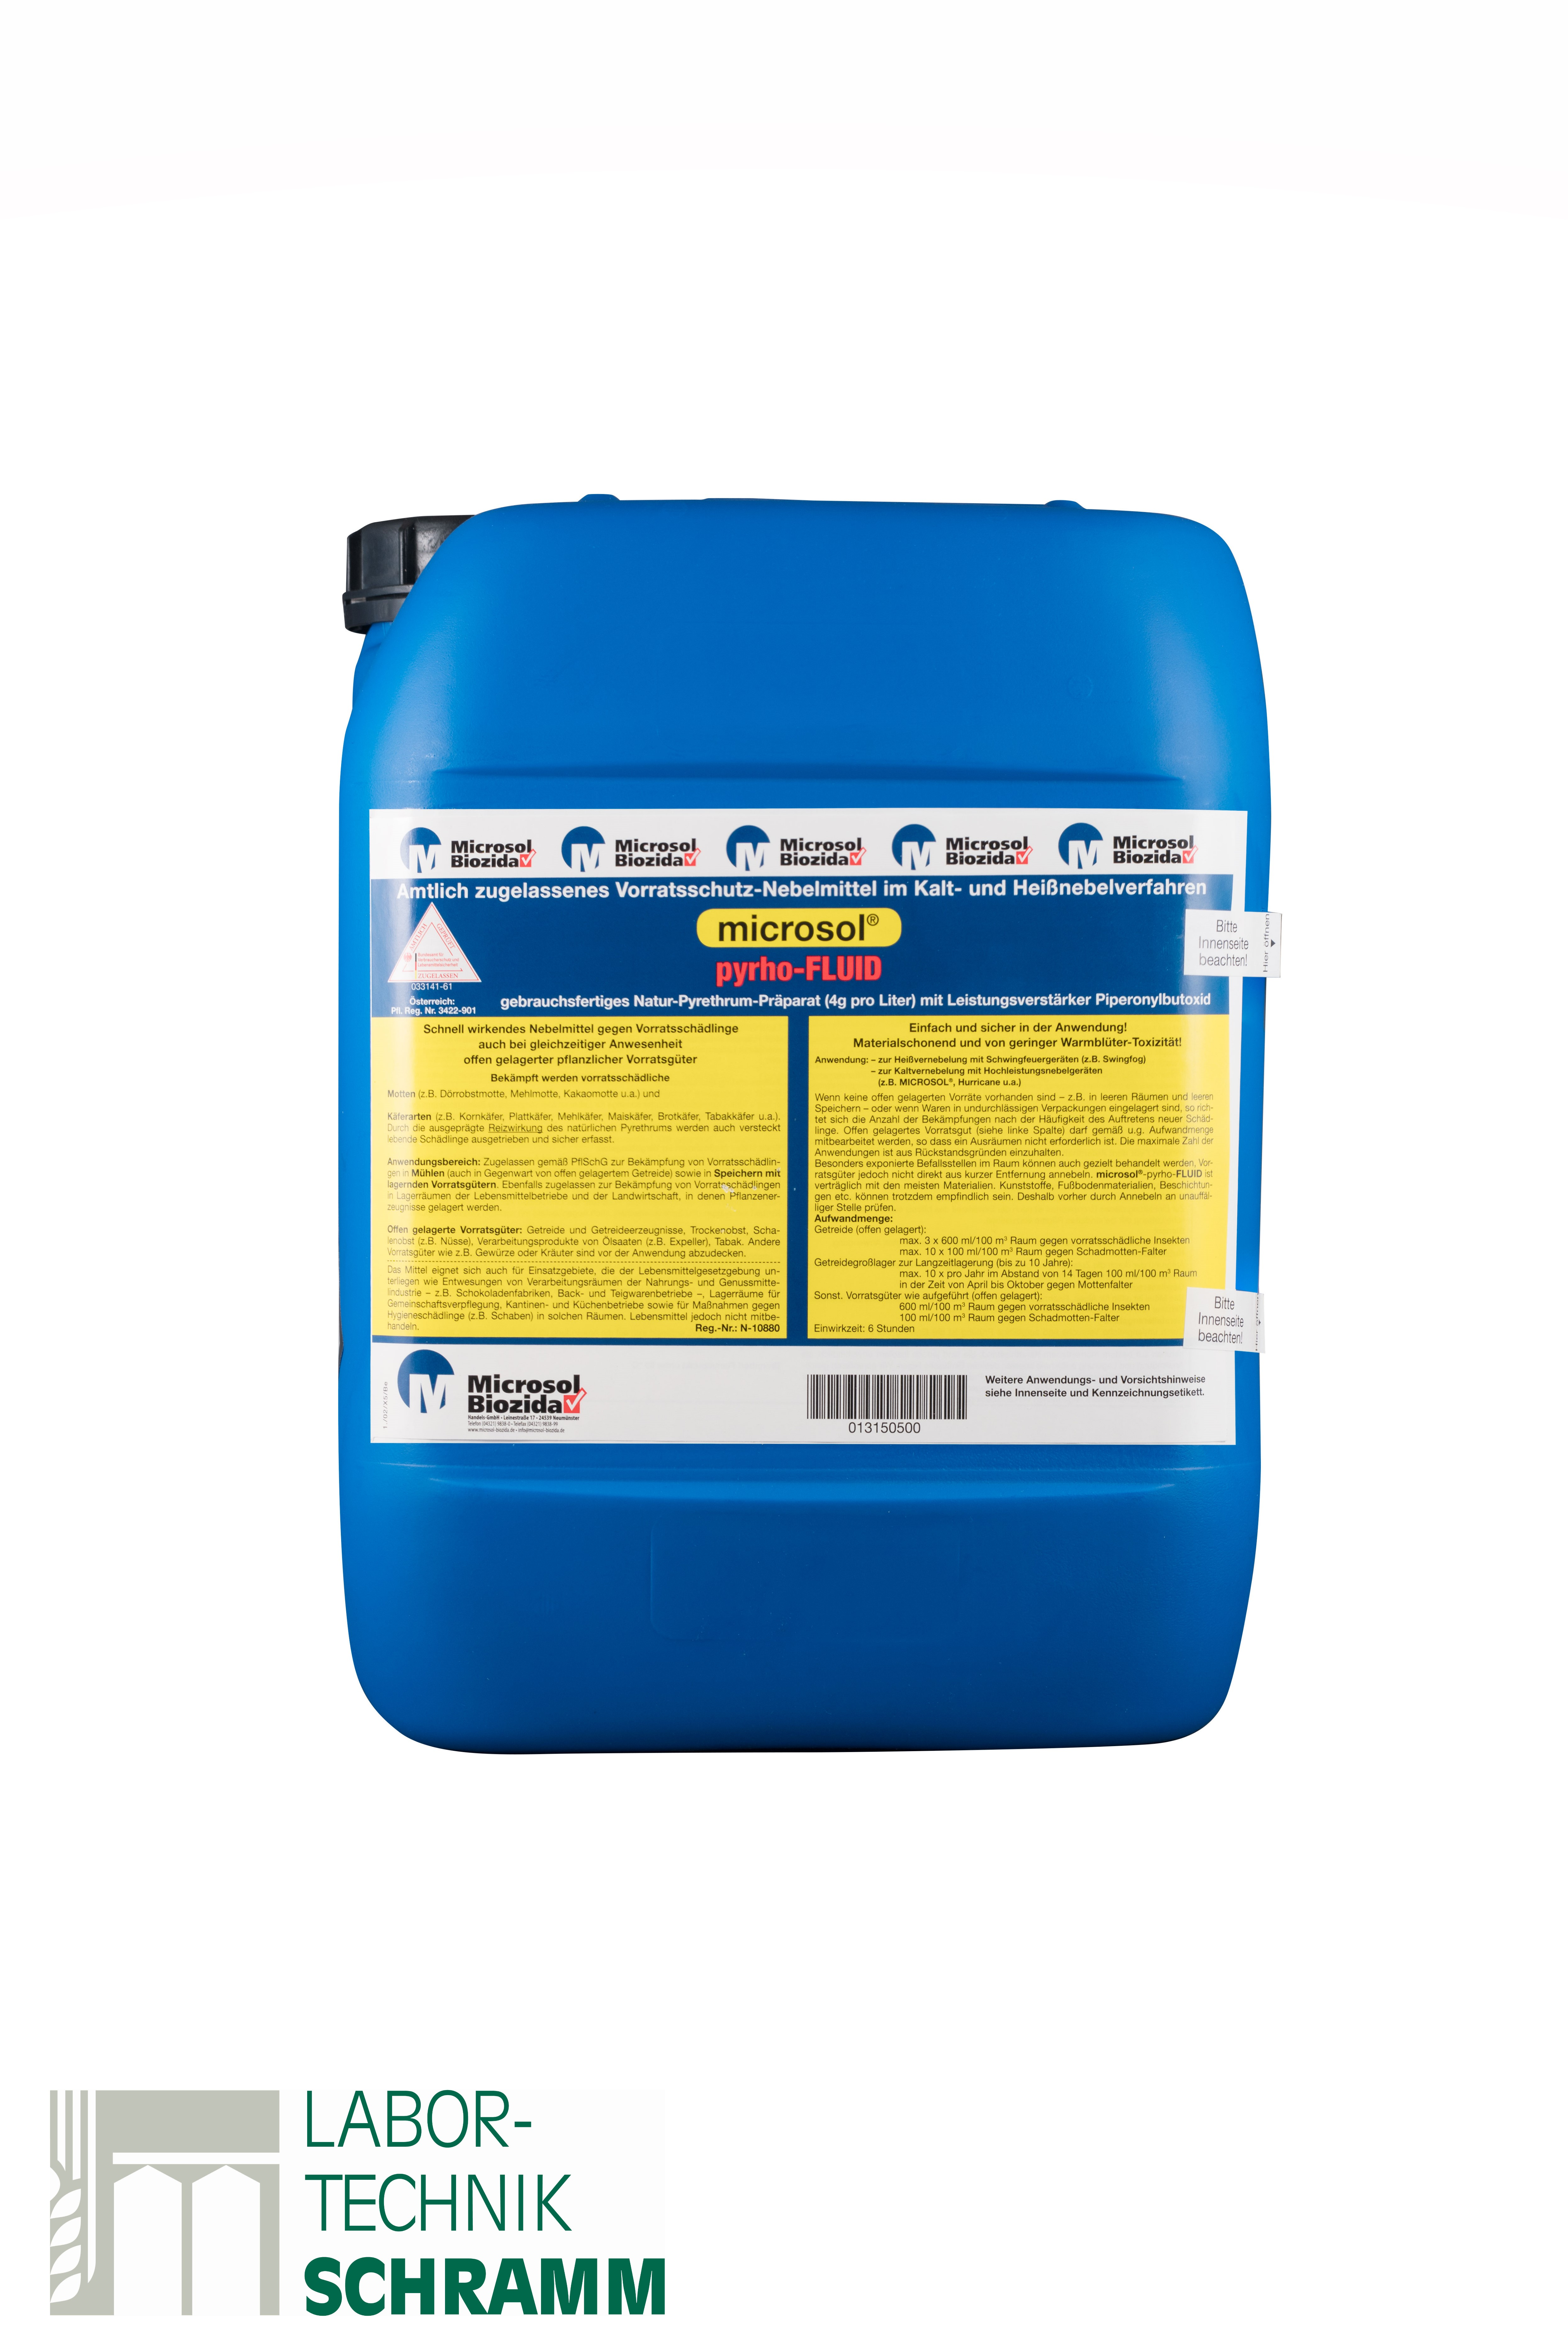 Microsol-pyrho-fluid    1 Kanister   10 Liter